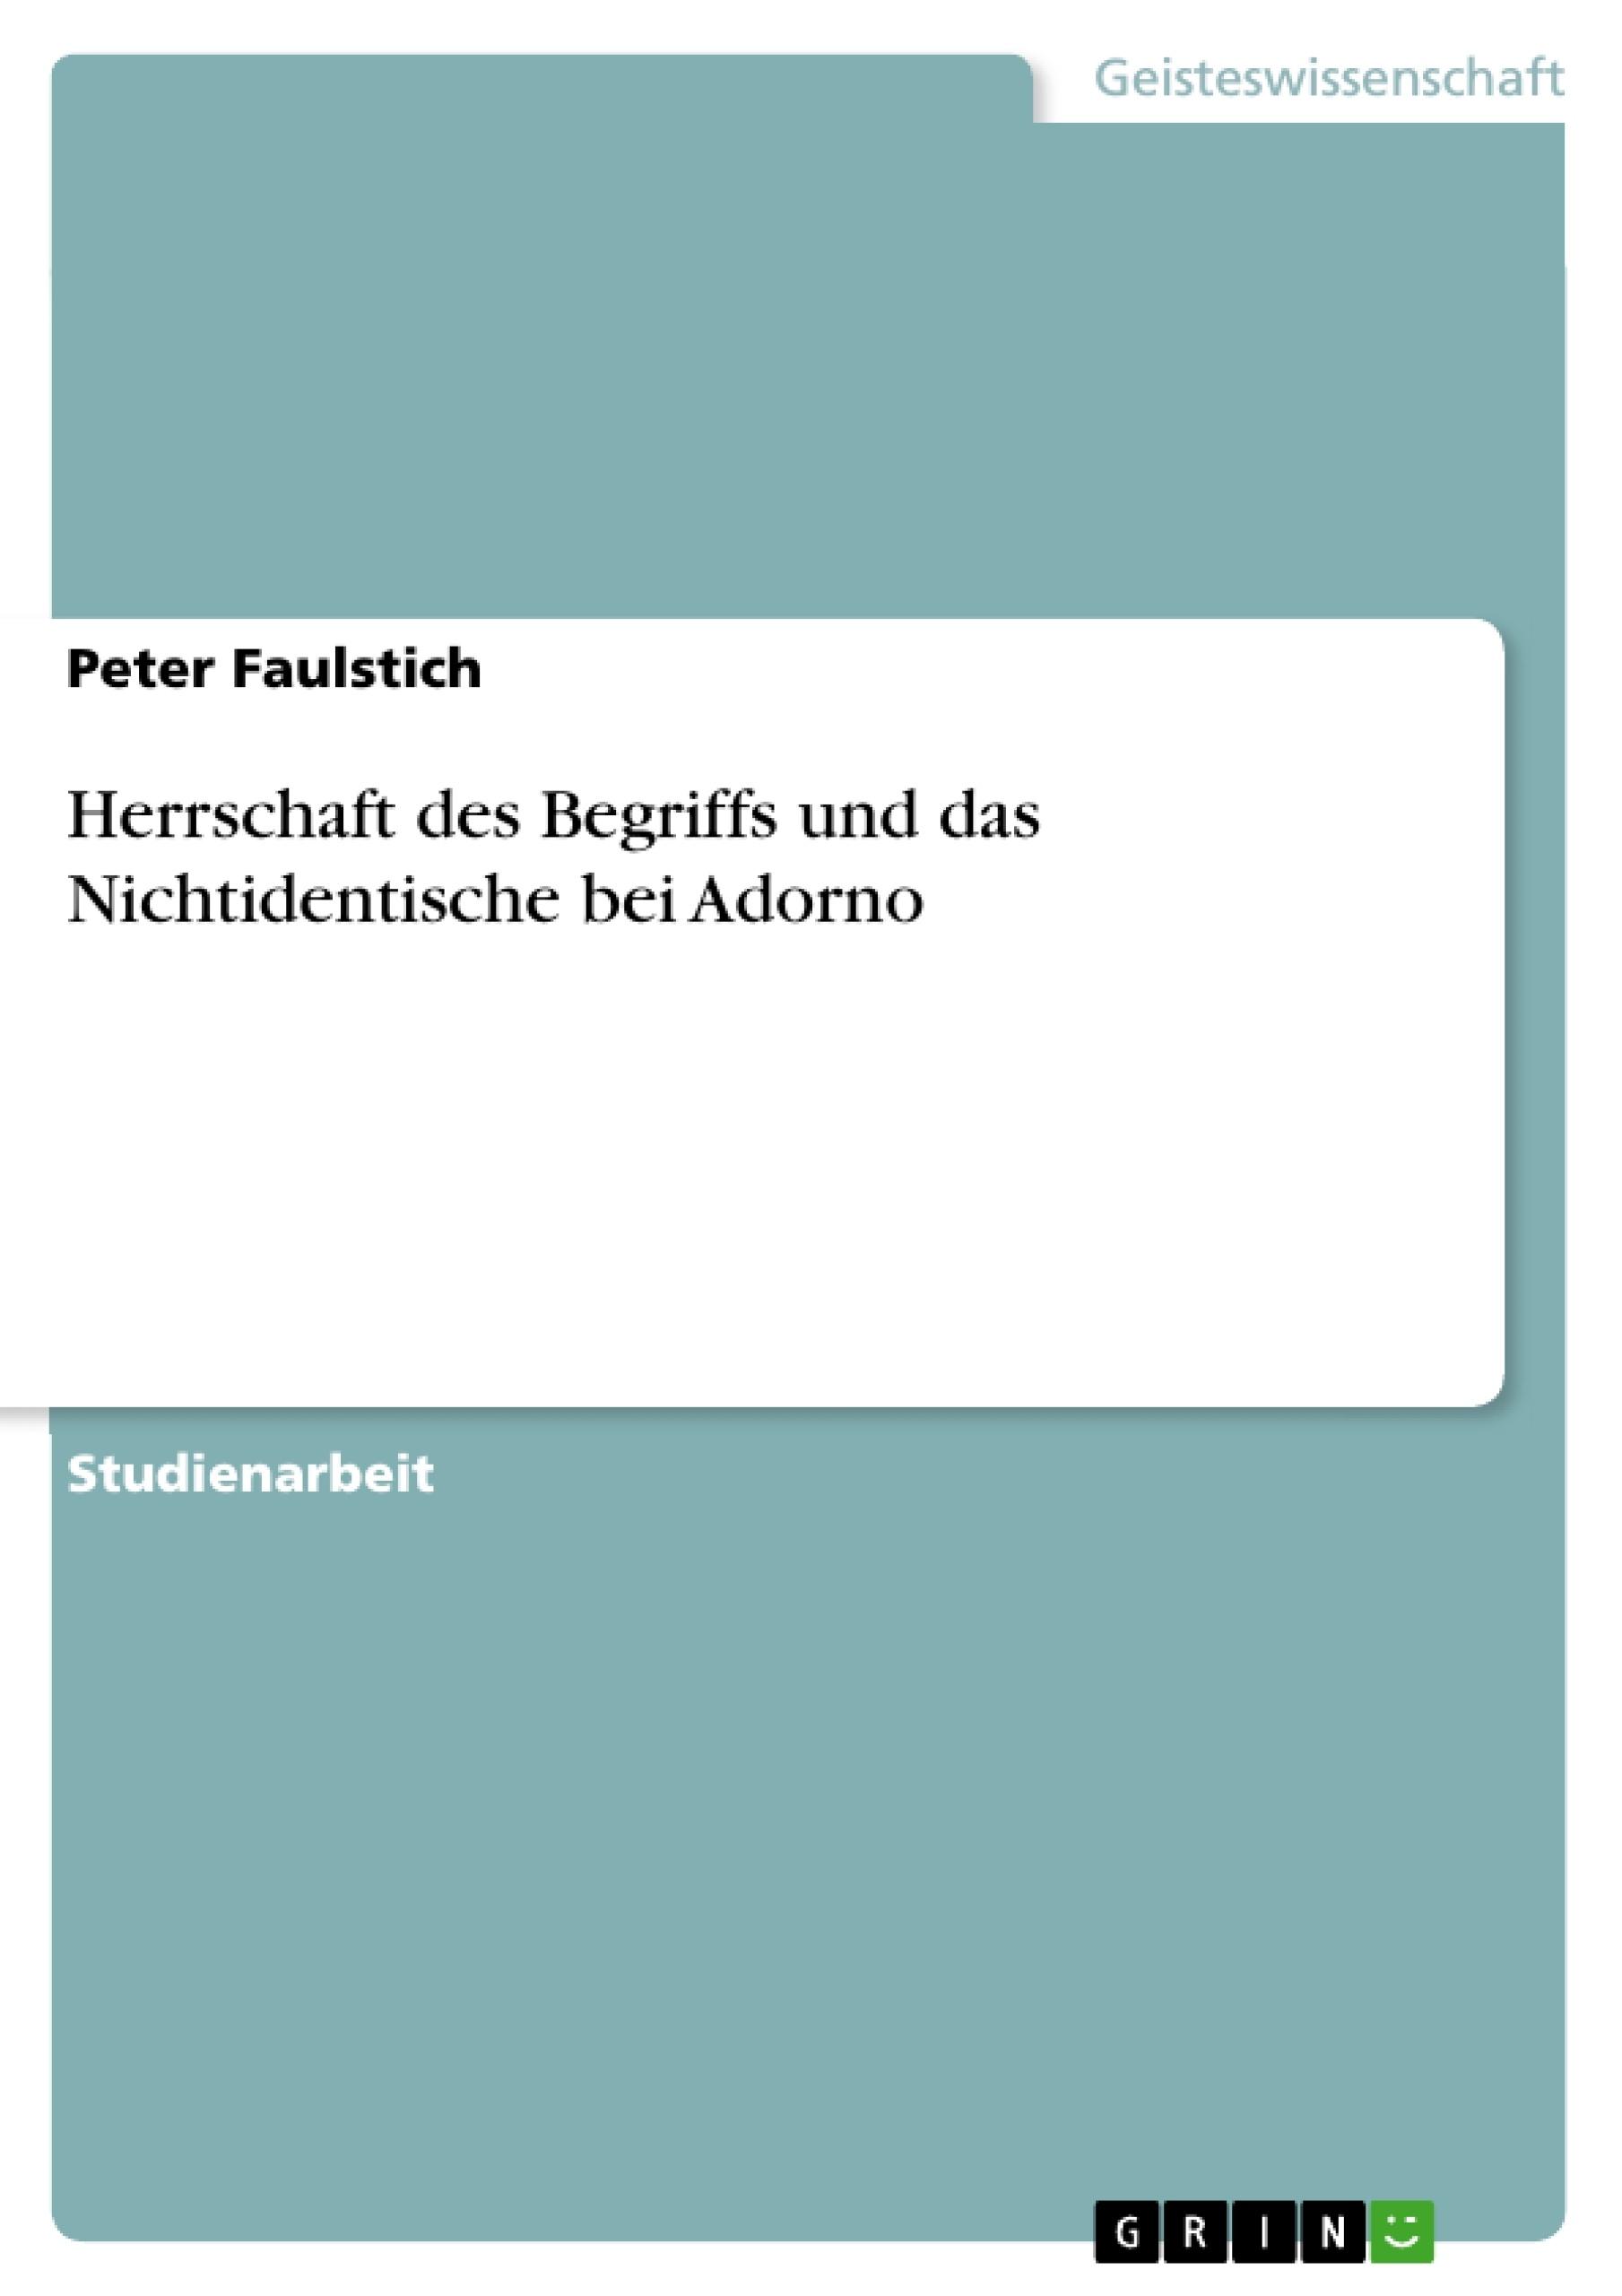 Titel: Herrschaft des Begriffs und das Nichtidentische bei Adorno